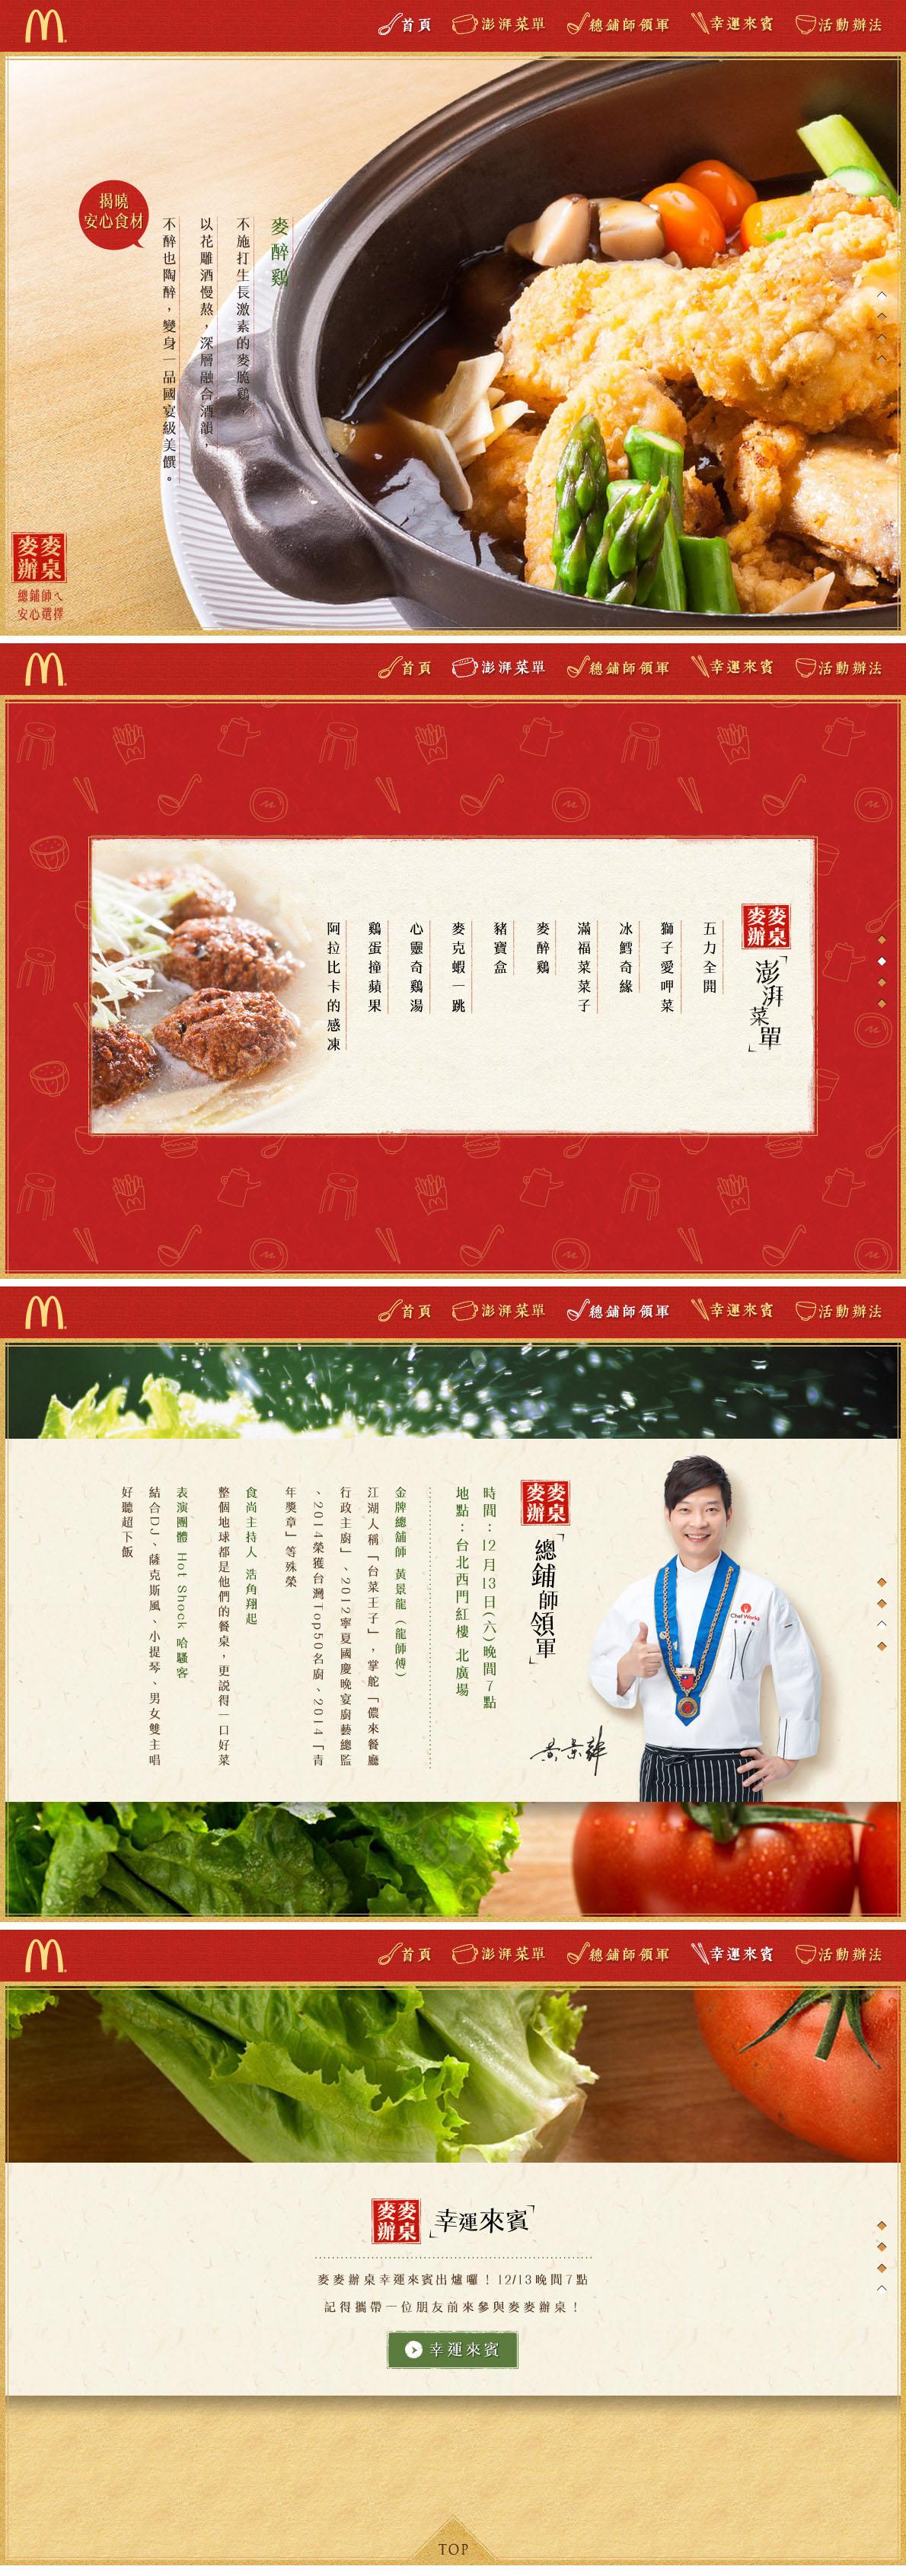 麦麦办桌 - 台湾麦当劳